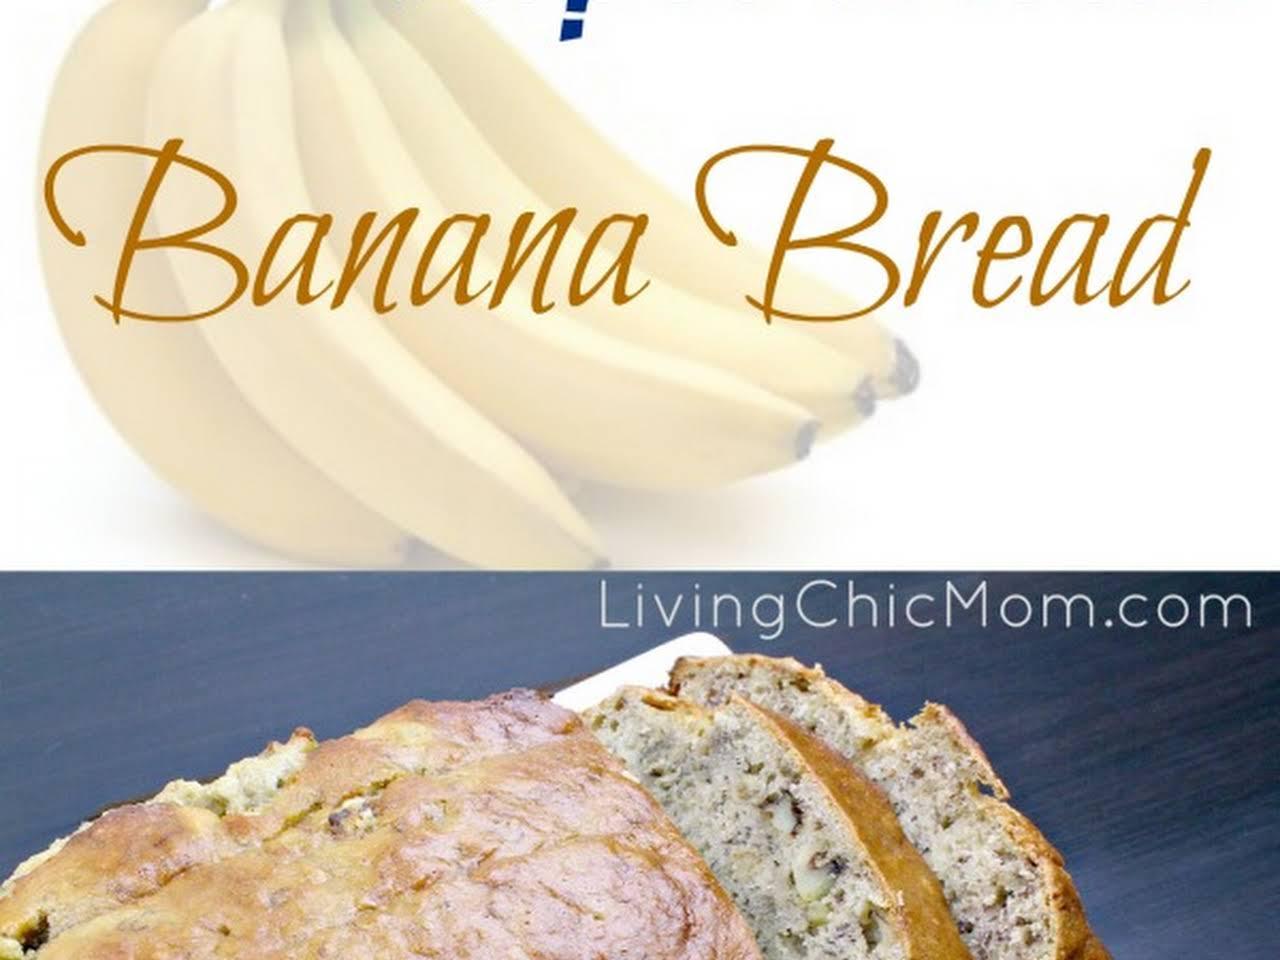 Banana Bread Recipe Yummly 22 Easy Banana Bread Recipes And Ideas